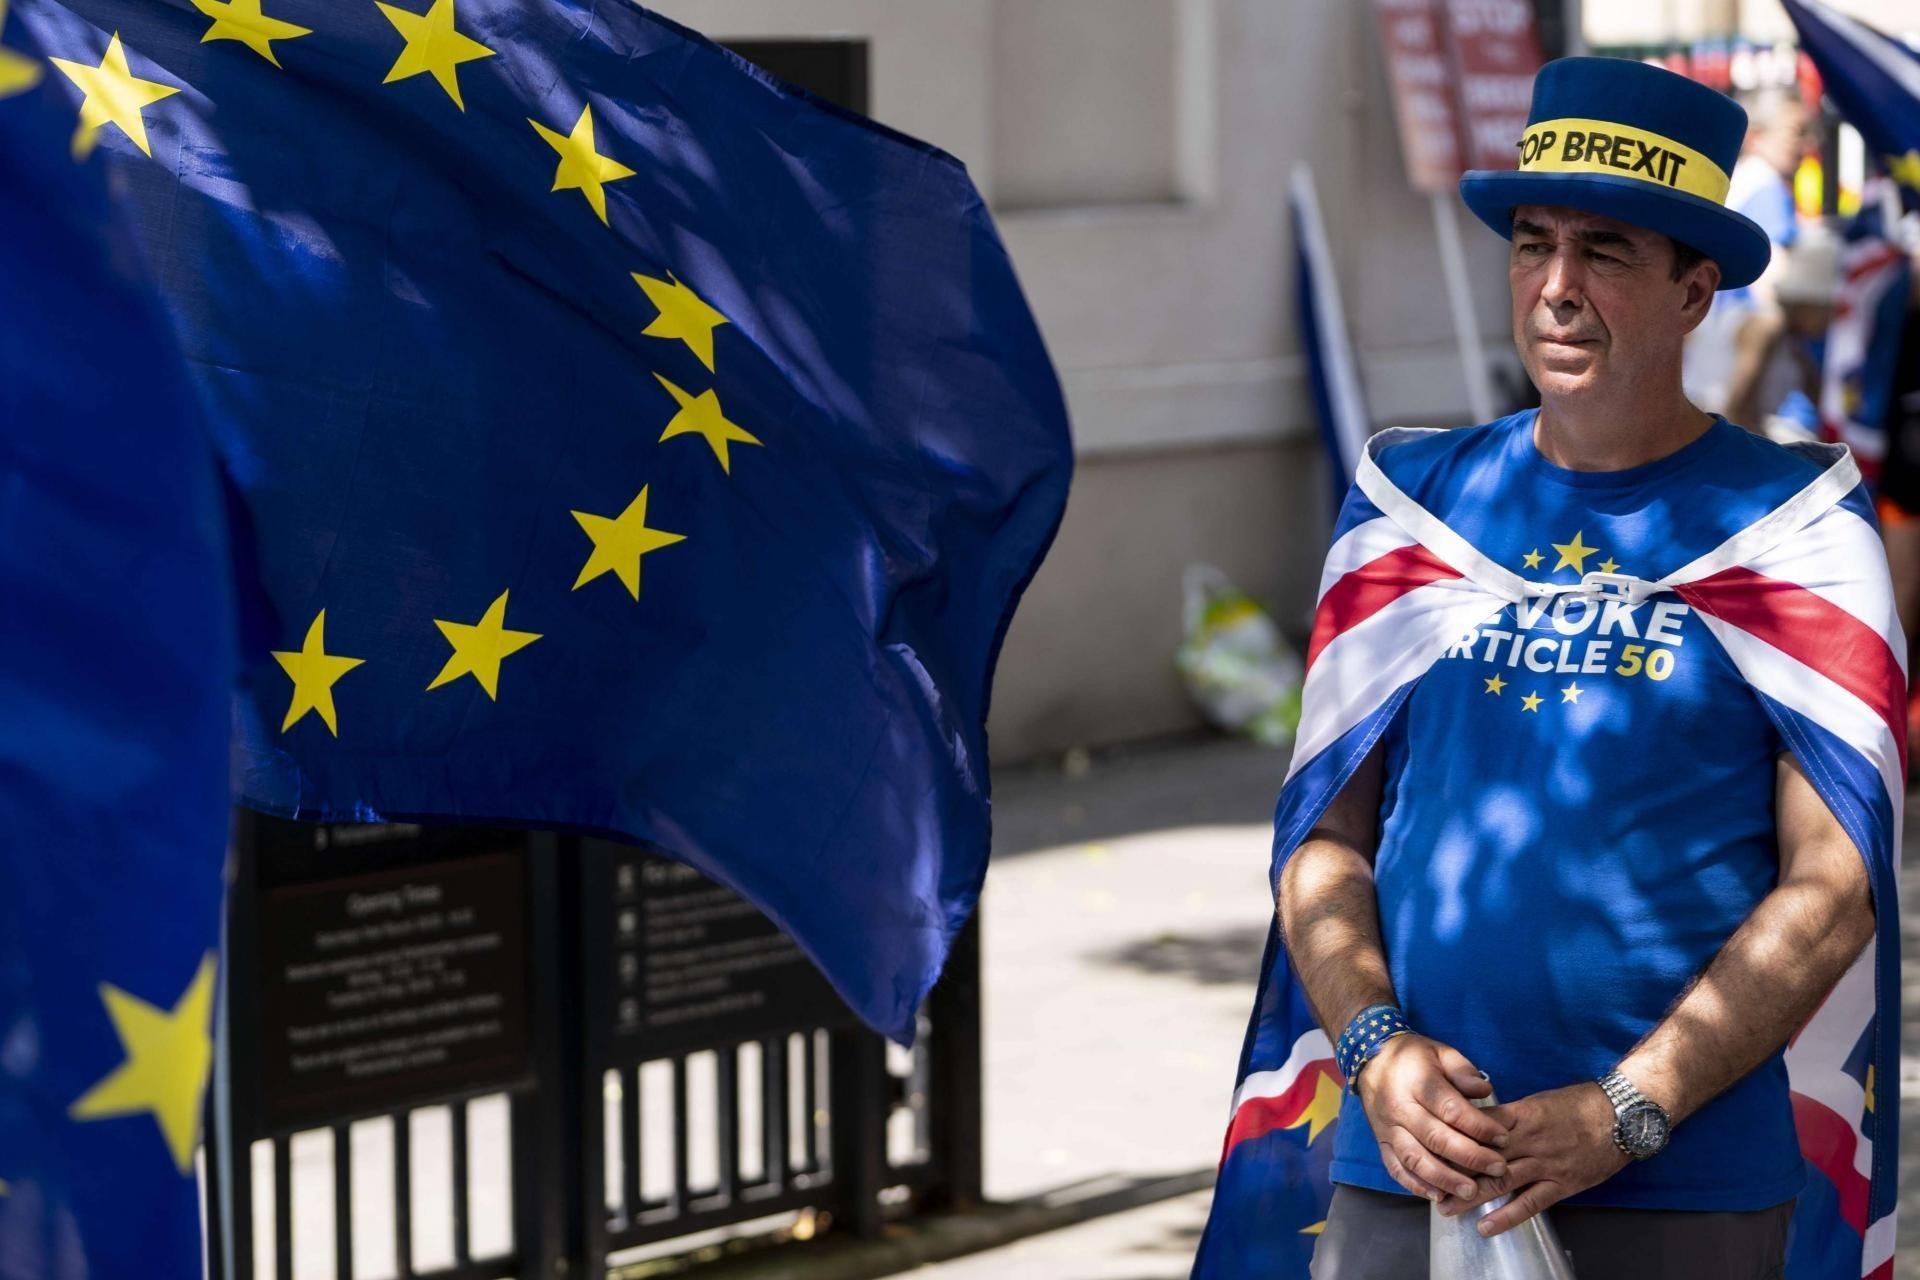 خروج بريطانيا دون اتفاف مع الاتحاد الأوروبي سيؤثر سلباً على الاقتصاد المحلي